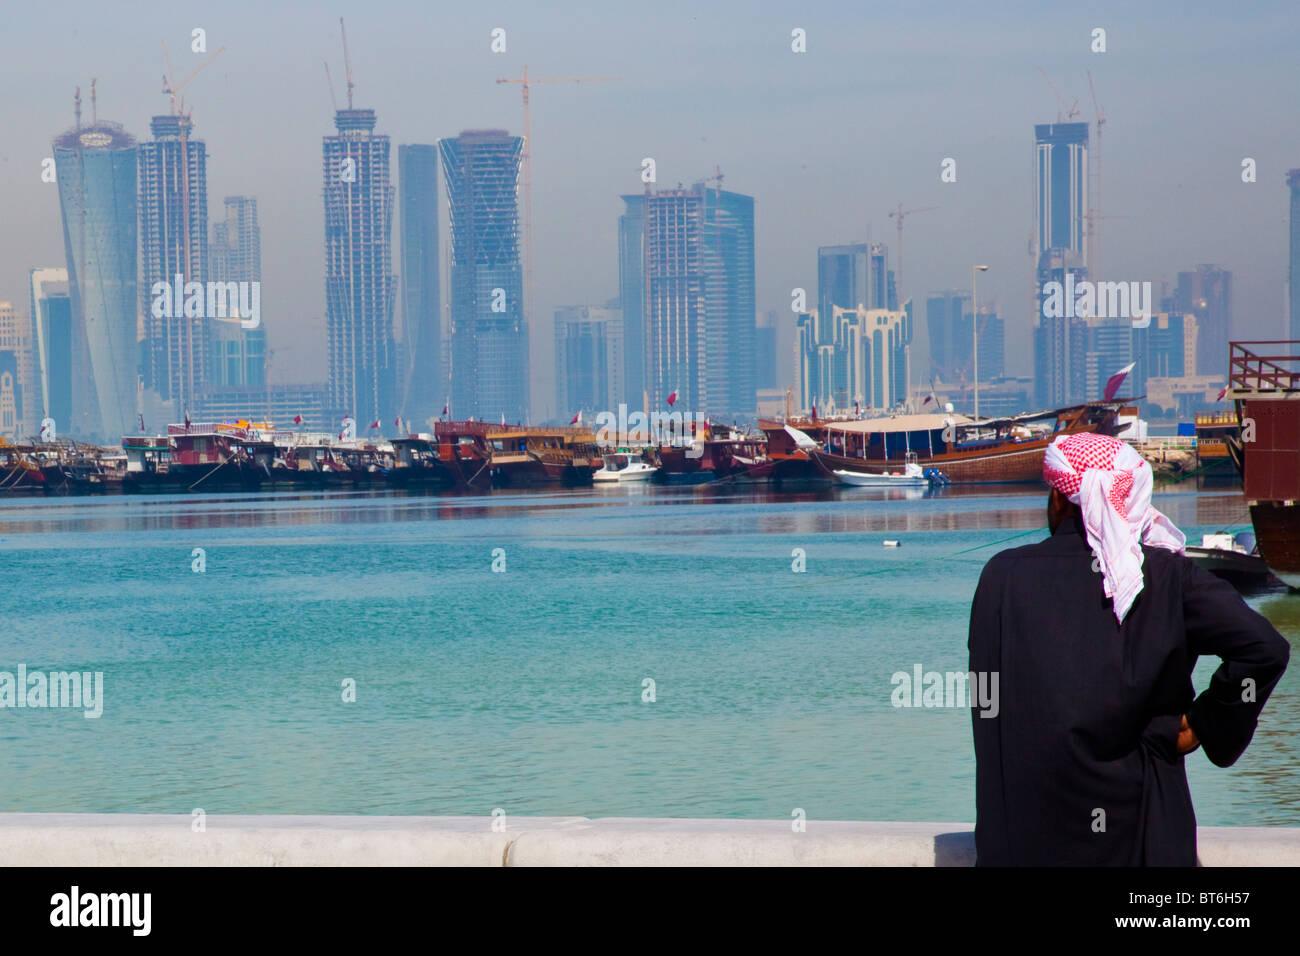 Grattacielo Skyline di costruzione a Doha in Qatar Immagini Stock